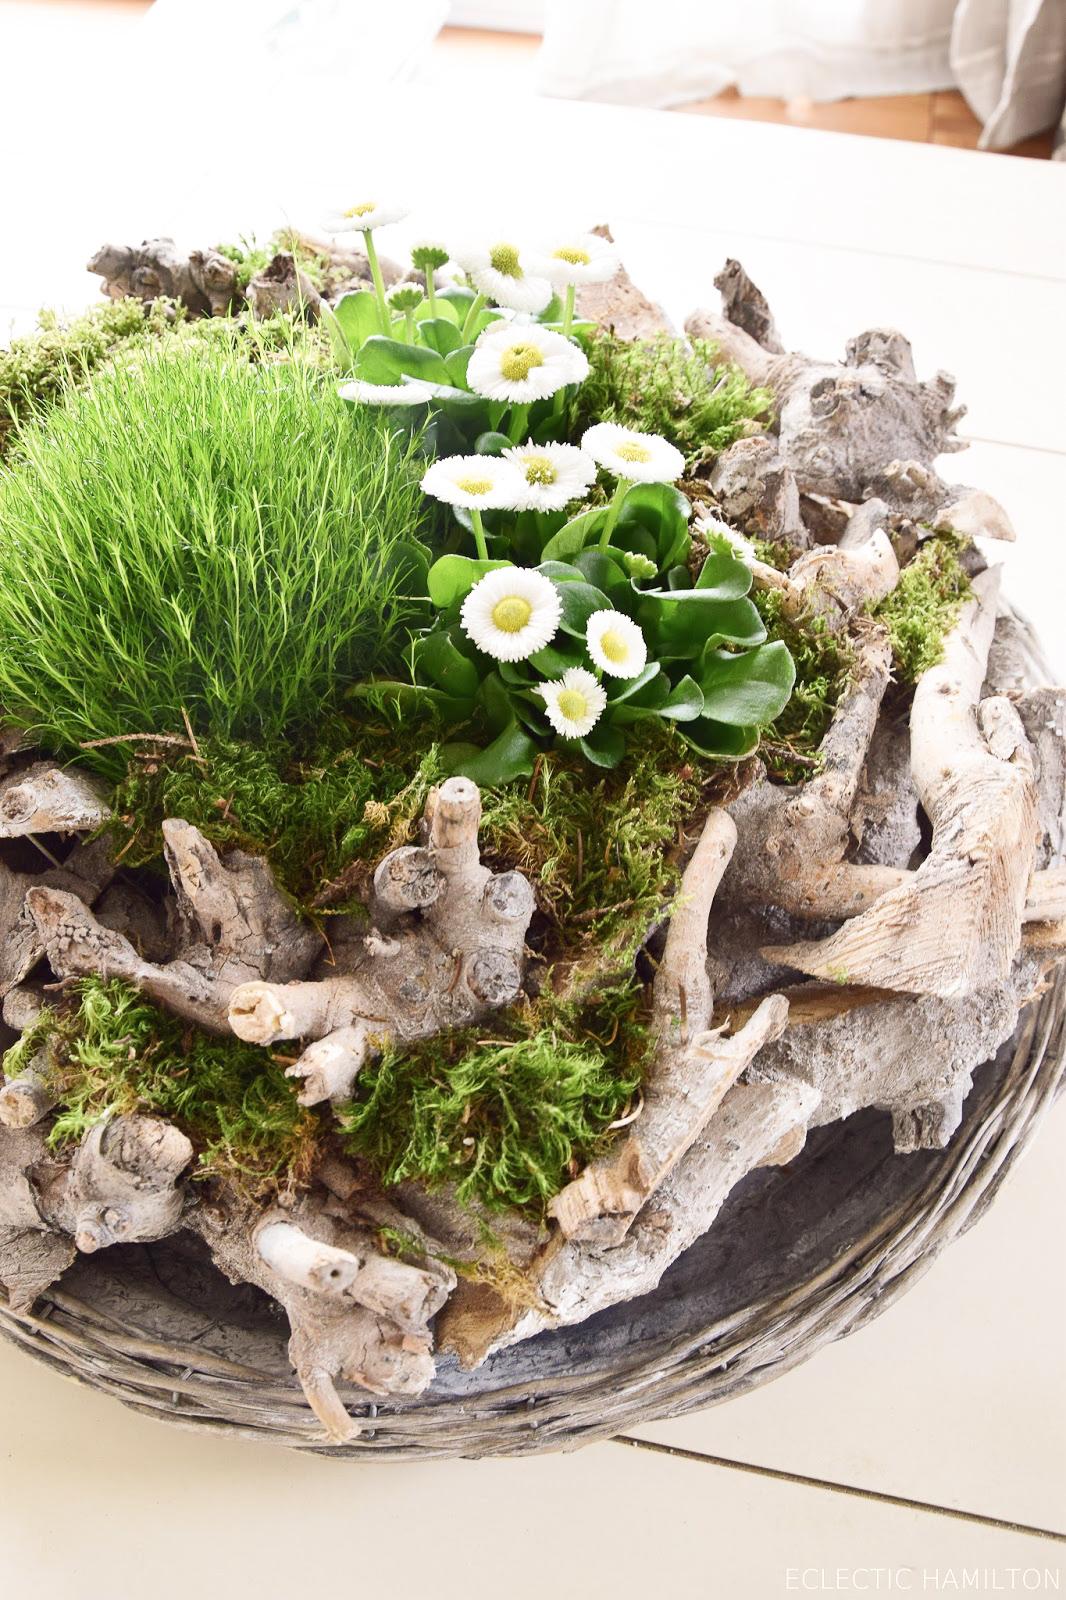 Frühlingsdeko basteln mit Naturmaterialien selber machen mit Moos, Holzkranz Bellis, Natur, Deko für den Frühling